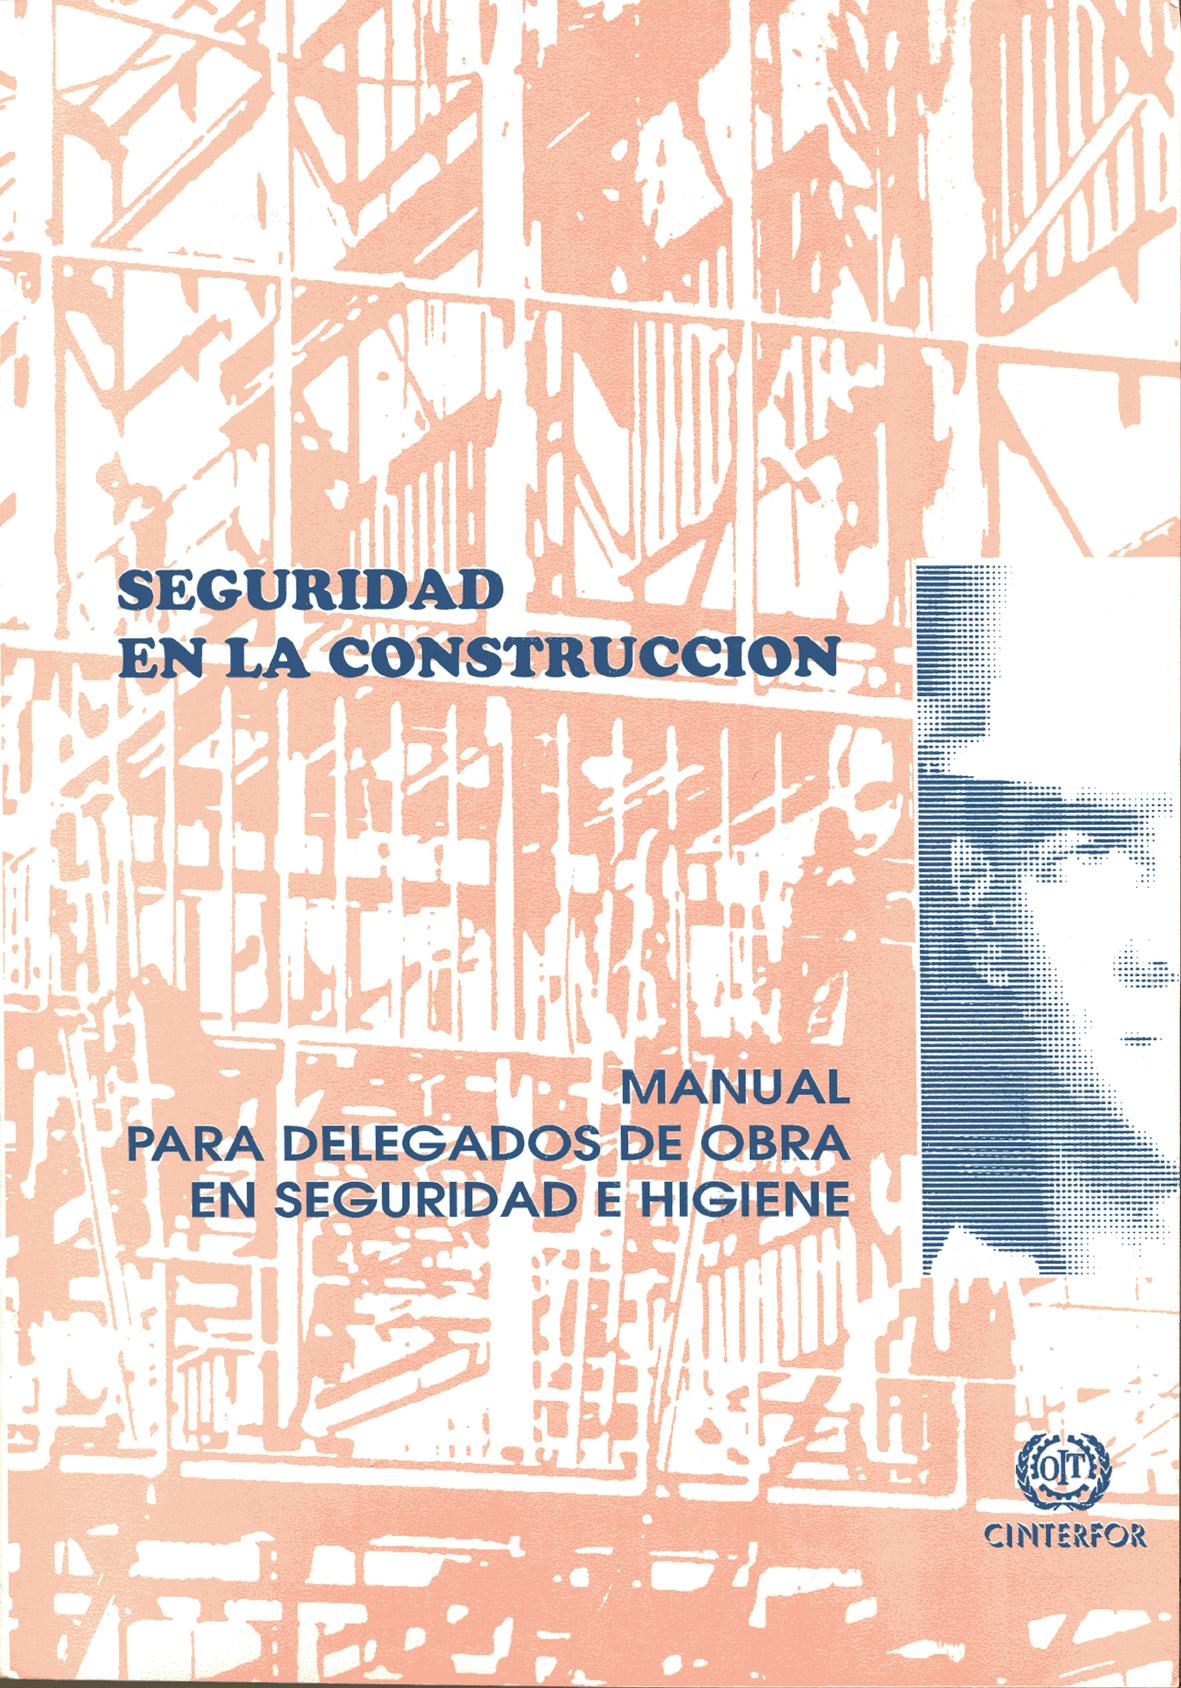 Manual para delegados de obra en seguridad e higiene for Manual de construccion